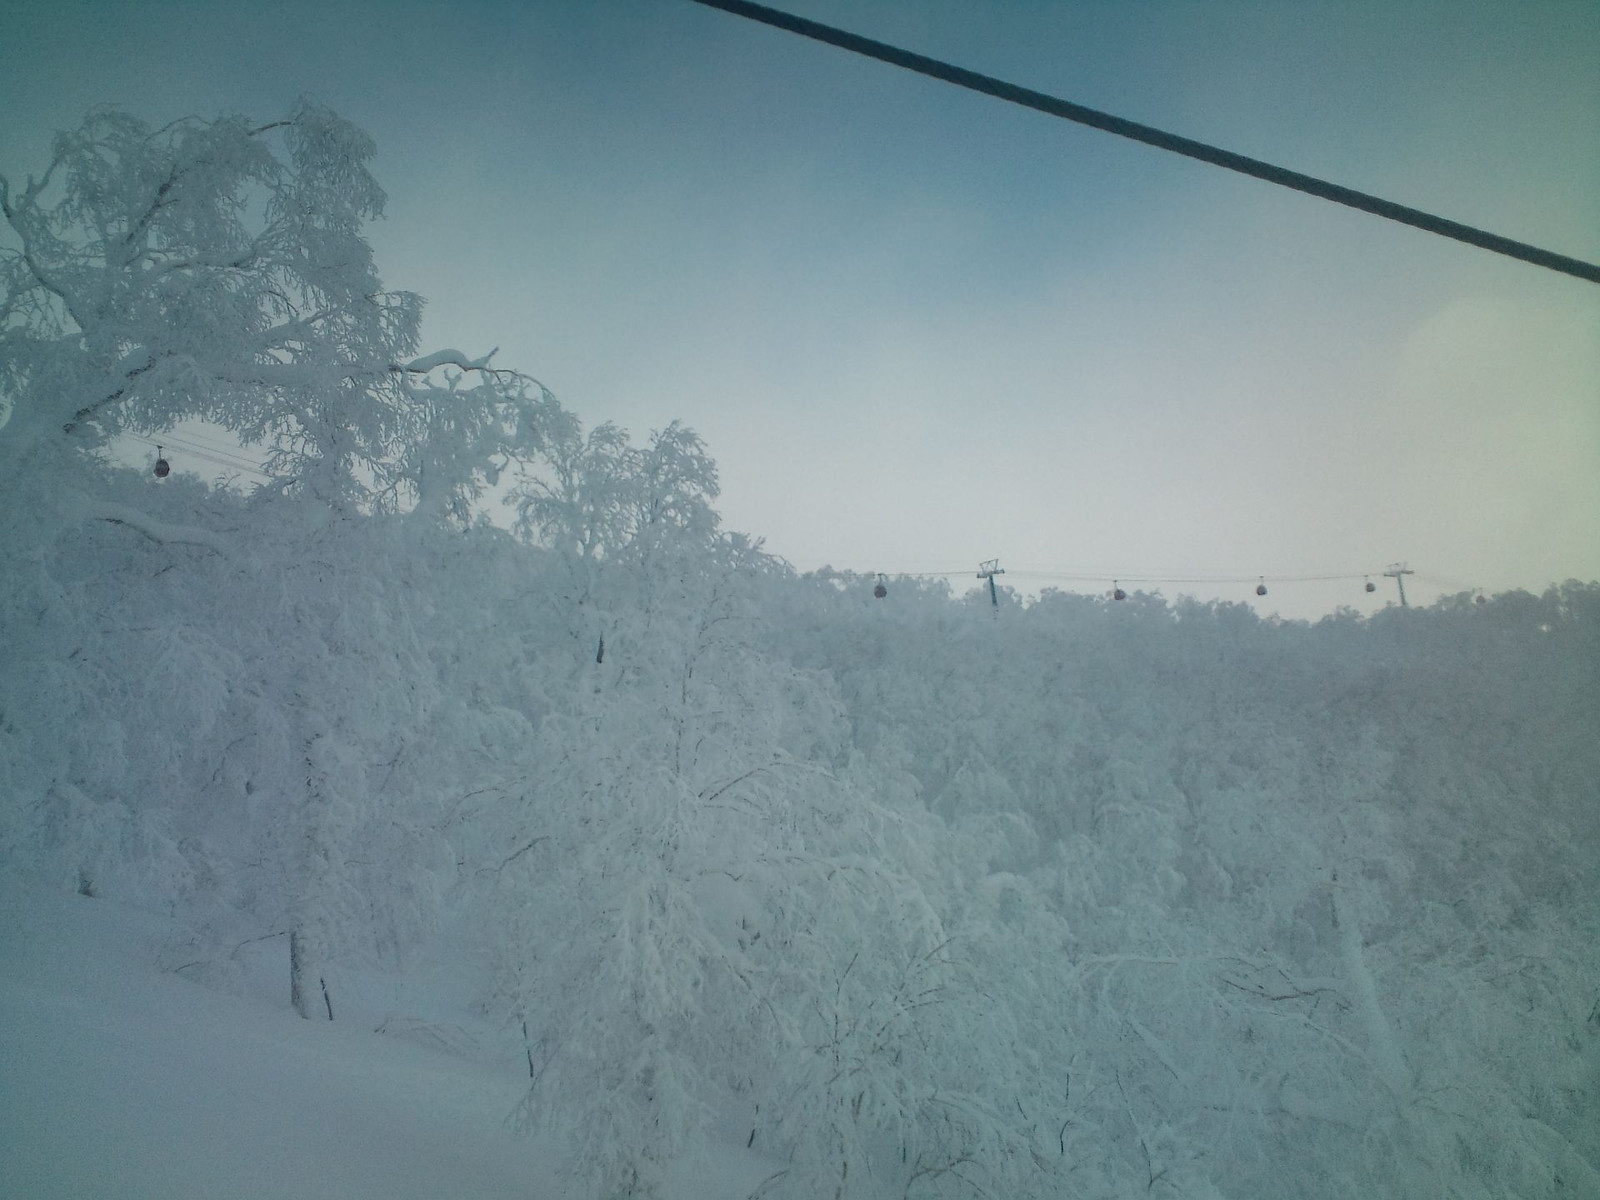 Ski04jpg